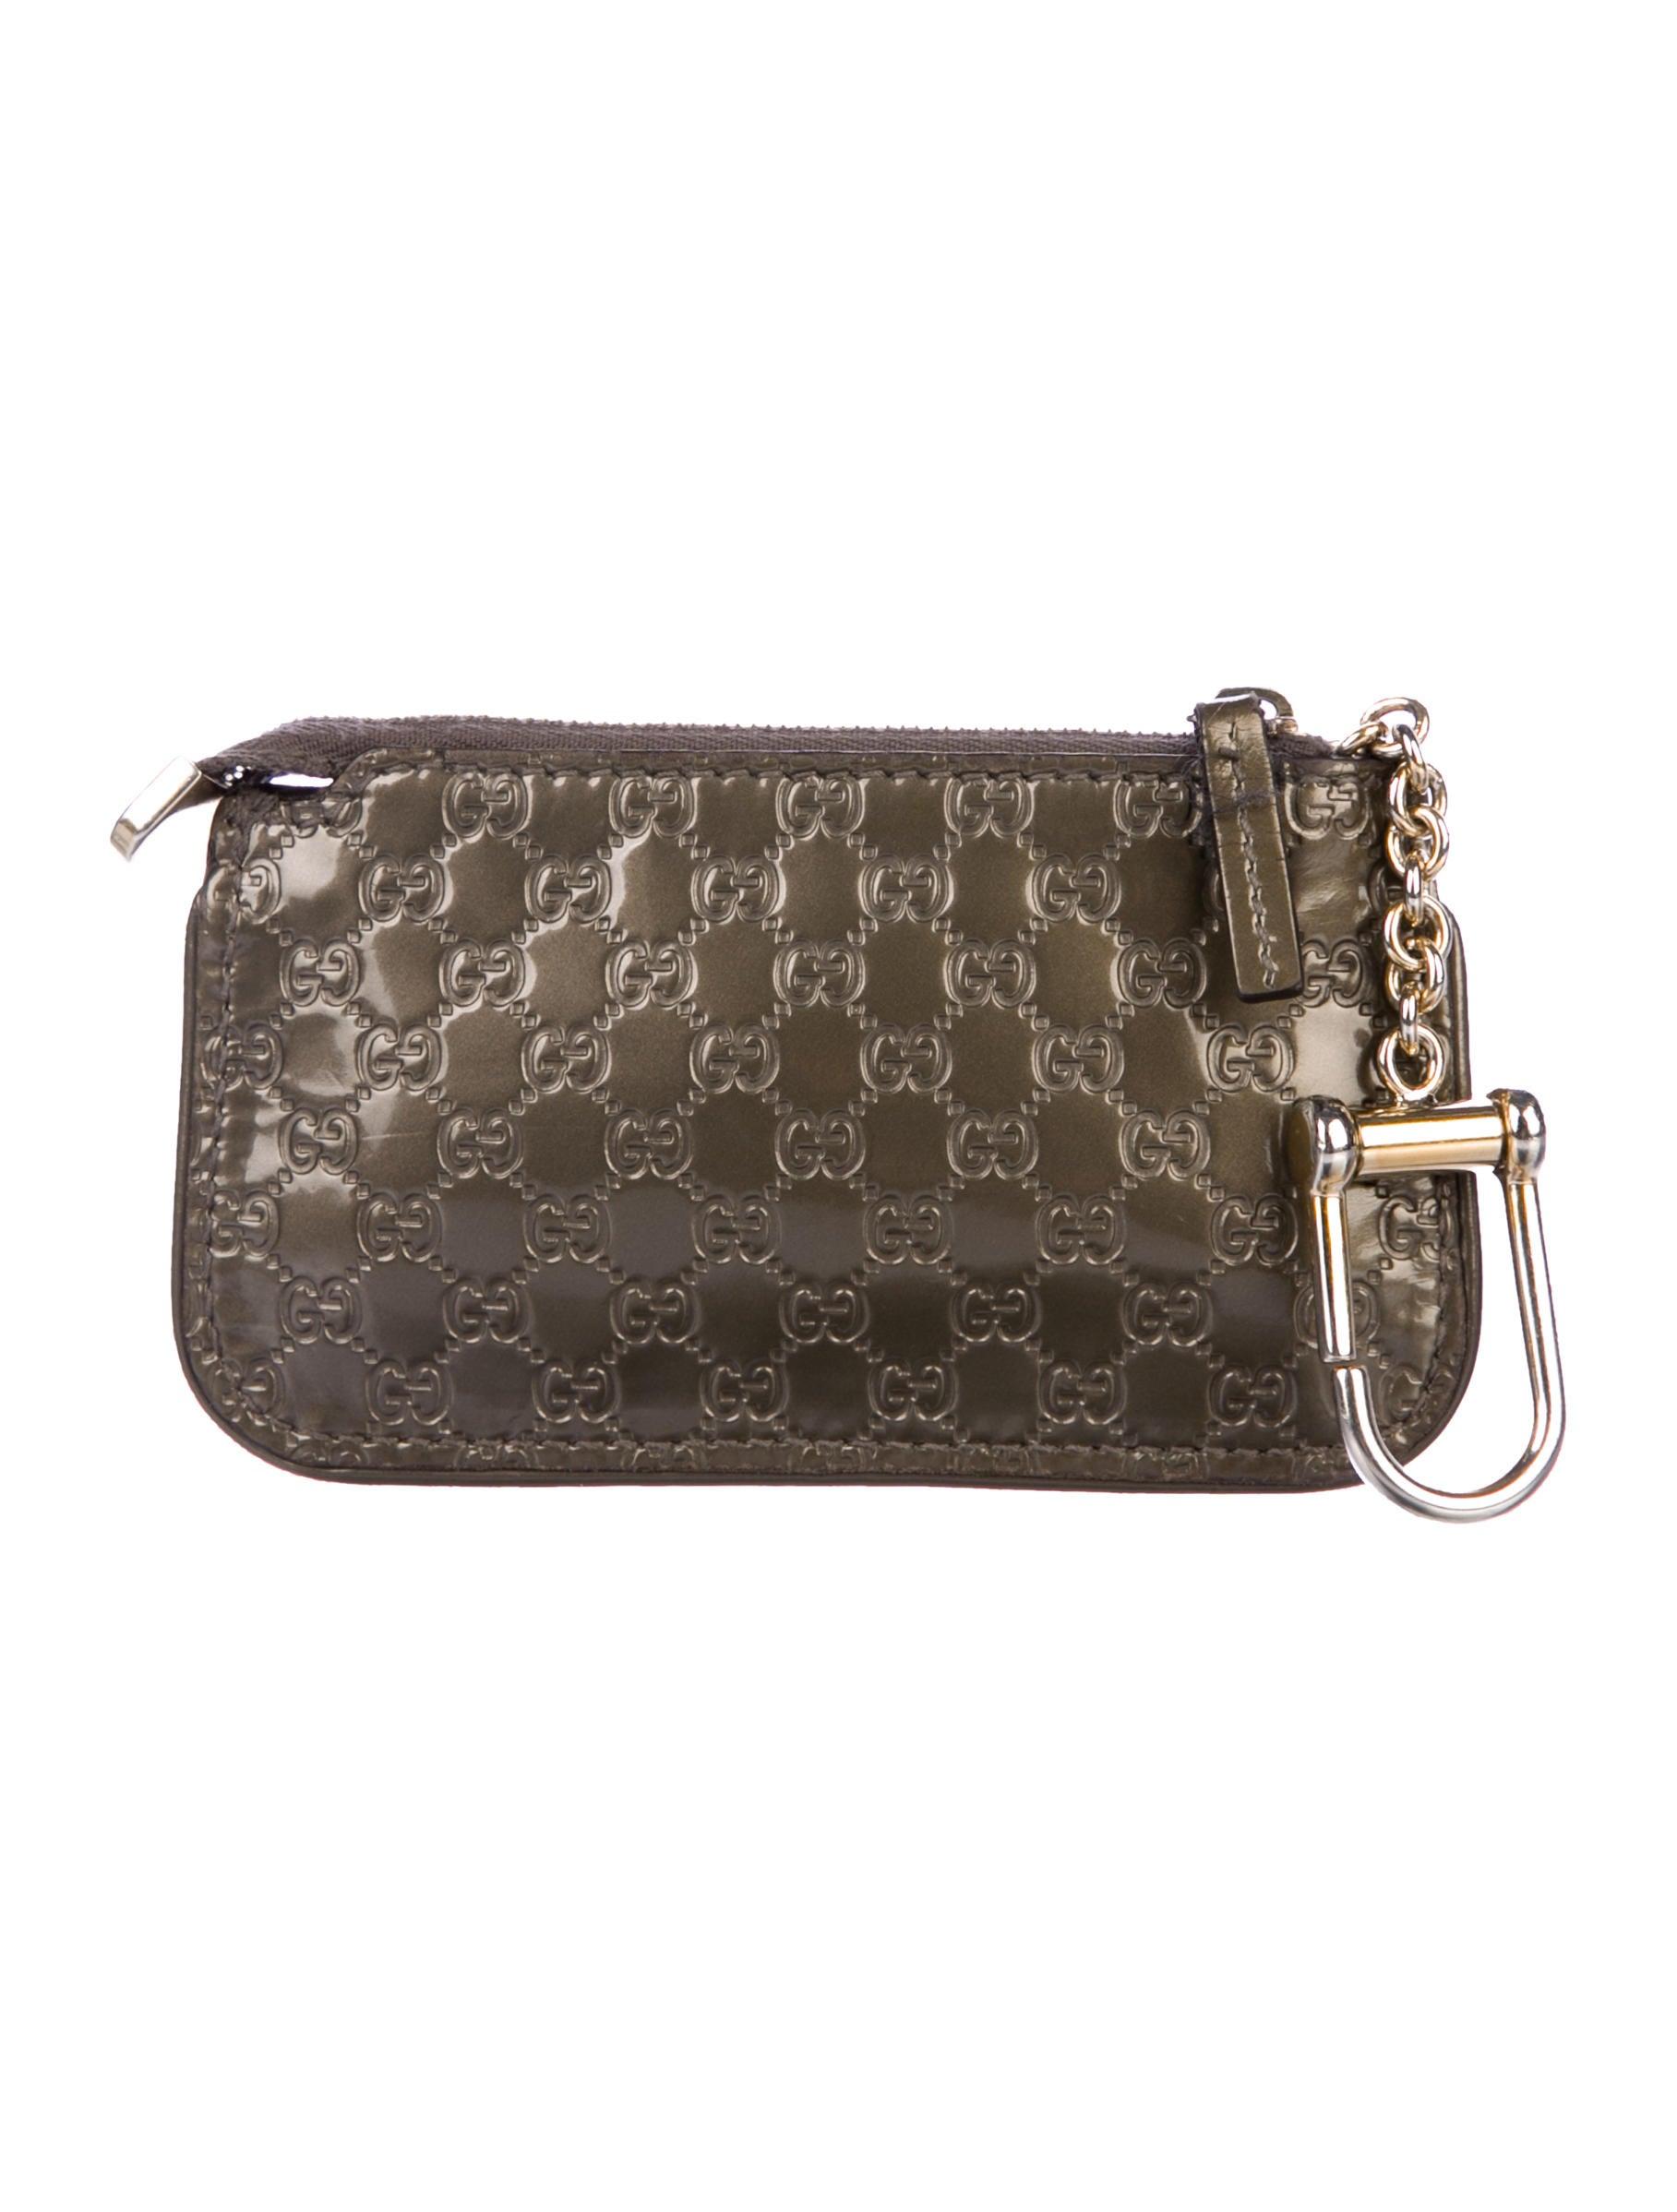 1e40e96dd94 Gucci Microguccissima Key Pouch - Accessories - GUC231678